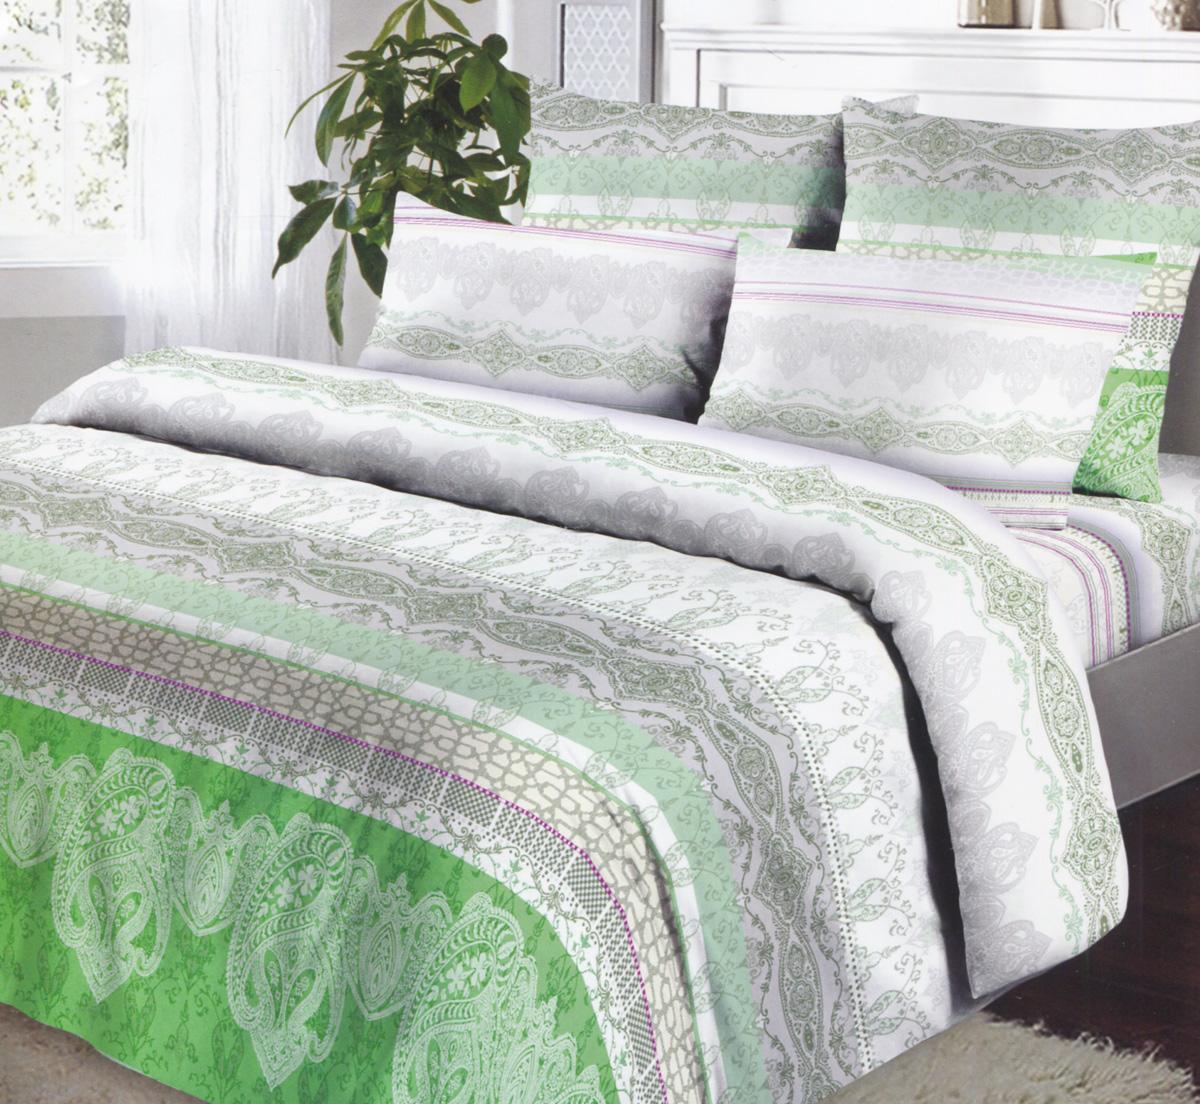 Комплект белья Коллекция Эстетика, 1,5-спальный, наволочки 70х70, цвет: зеленый, серый, белыйОБК-1,5/70 4391/2Комплект постельного белья Коллекция Эстетика является экологически безопасным для всей семьи, так как выполнен из бязи (100% натурального хлопка), что гарантирует крепкий и здоровый сон. Комплект состоит из пододеяльника, простыни и двух наволочек. Постельное белье, оформленное оригинальными цветочными узорами, послужит прекрасным дополнением к интерьеру вашей спальной комнаты. Гладкая структура делает ткань приятной на ощупь, мягкой и нежной, при этом она прочная и хорошо сохраняет форму. Ткань легко гладится. Благодаря такому комплекту постельного белья вы сможете создать атмосферу роскоши и романтики в вашей спальне. Бязь - хлопчатобумажная плотная ткань полотняного переплетения. Отличается прочностью и стойкостью к многочисленным стиркам. Бязь считается одной из наиболее подходящих тканей, для производства постельного белья и пользуется в России большим спросом.